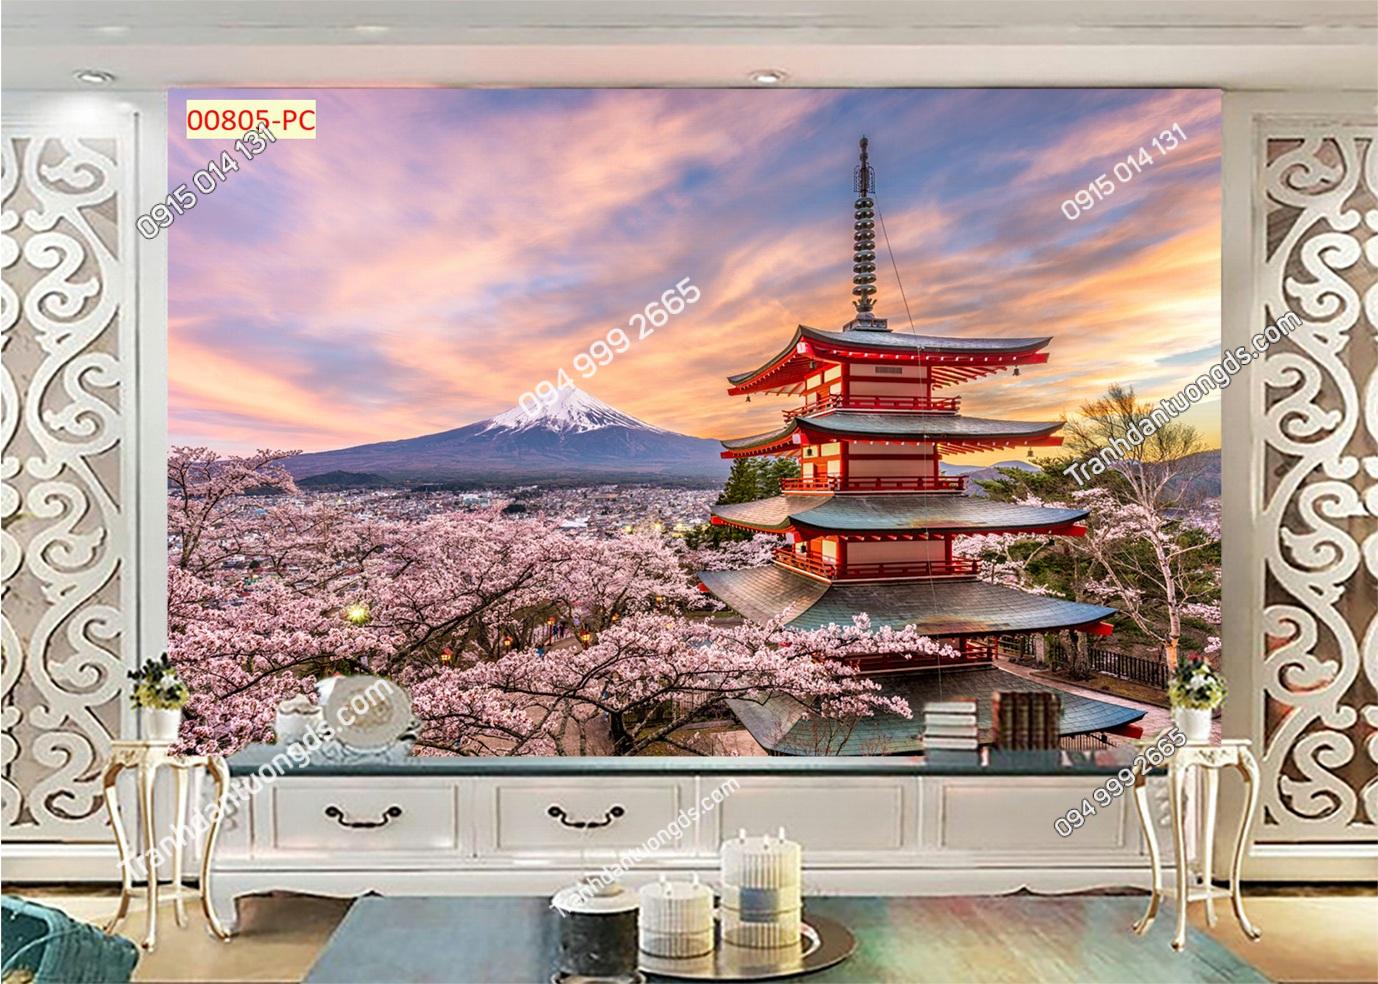 Tranh dán tường núi Phú Sĩ và hoa anh đào 00805